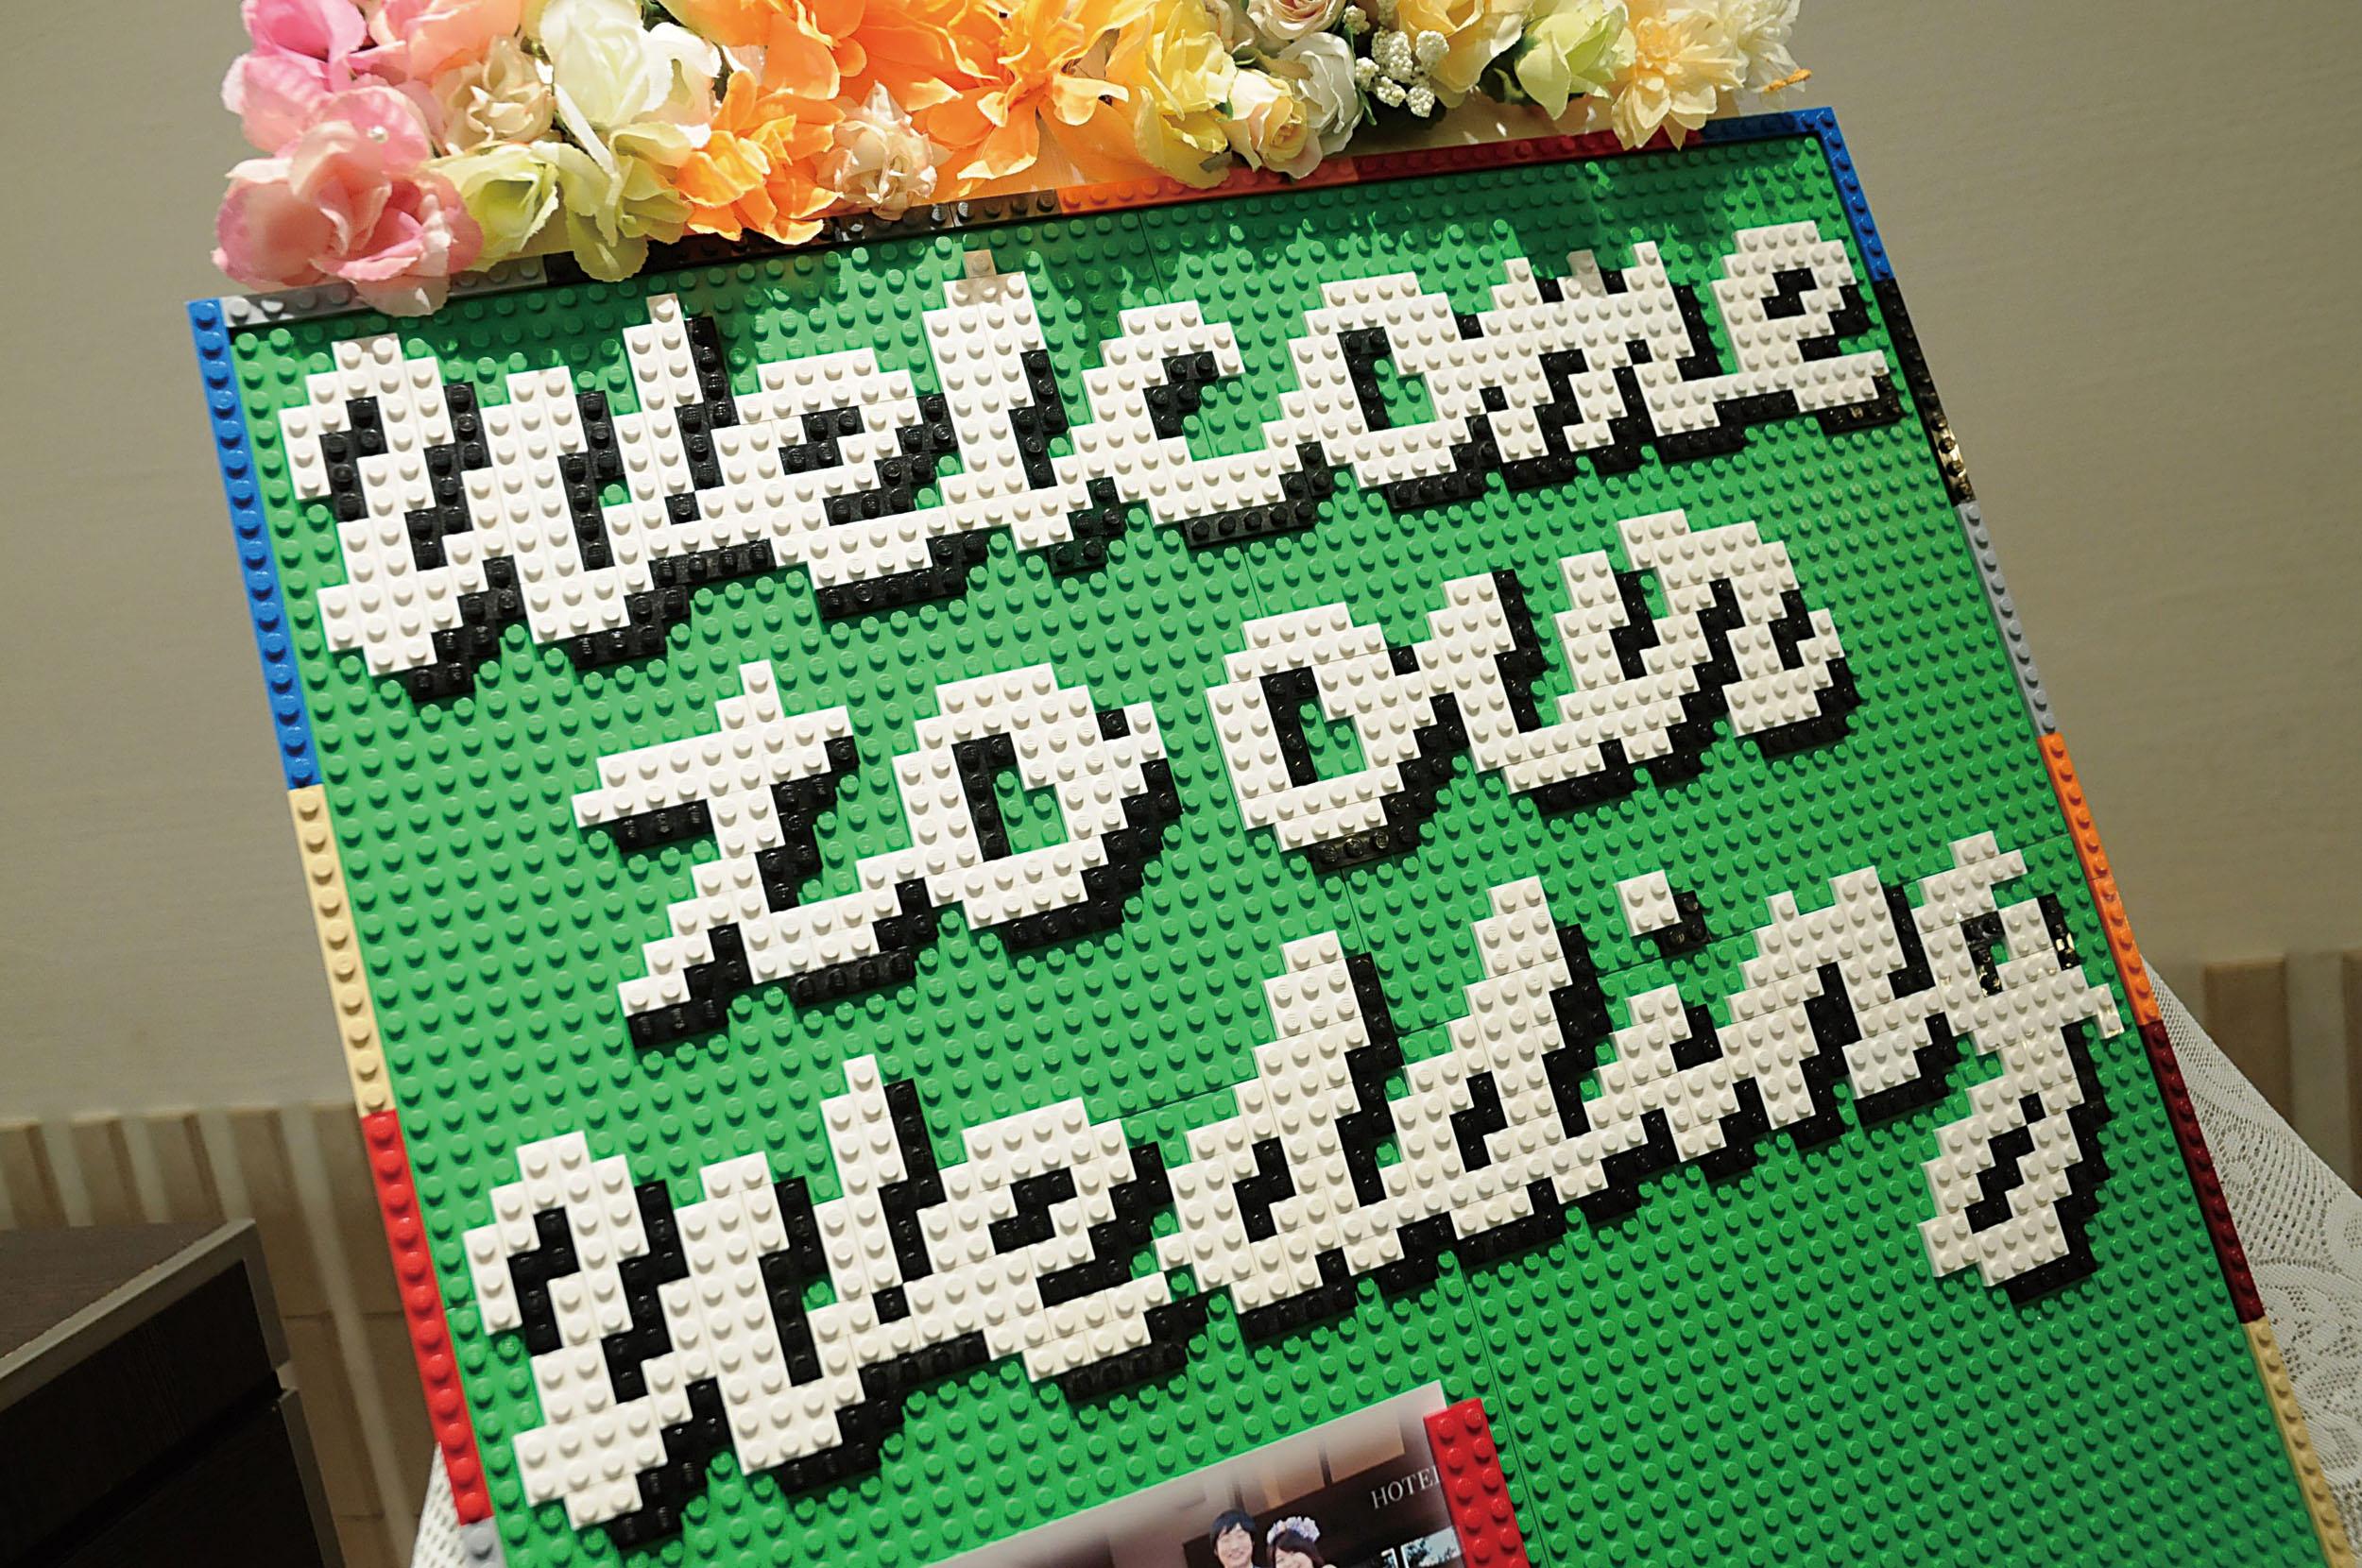 旦那さんの特技でもあるレゴを使って制作したポップなウェルカムボード。「持っていたレゴに不足分を買い足して作りました。お気に入りで、結婚式後も部屋に飾ってい